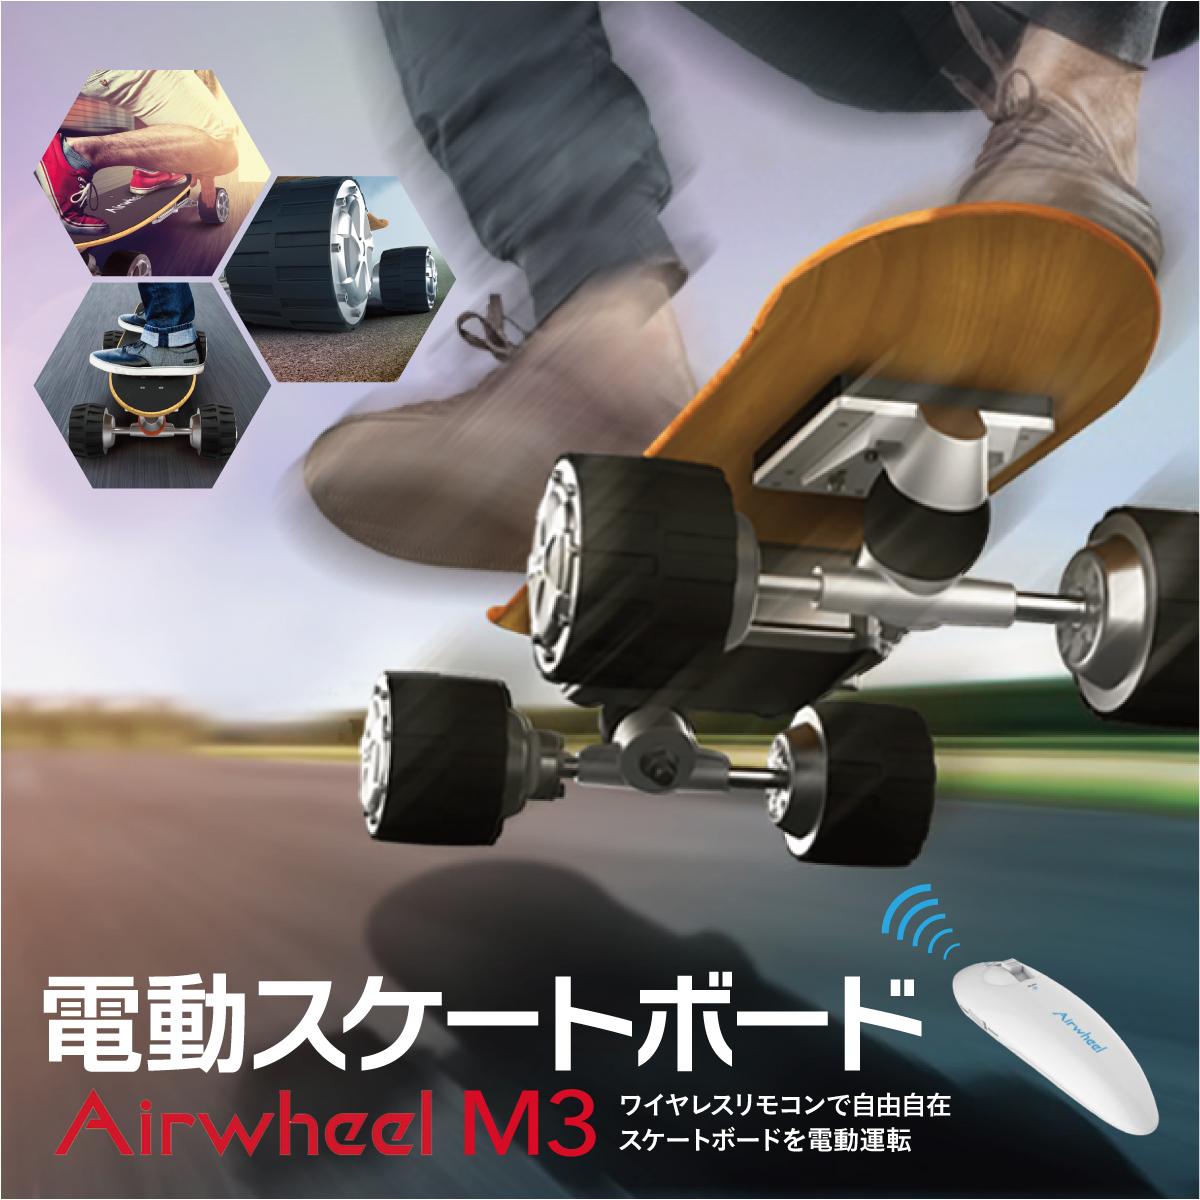 電動 スケートボード Airwheel エアーホイール M3 170wh 電動スケートボード 電気スケボー 自動スケートボード リモコン付き スマホAPP連動 airwheel-m3